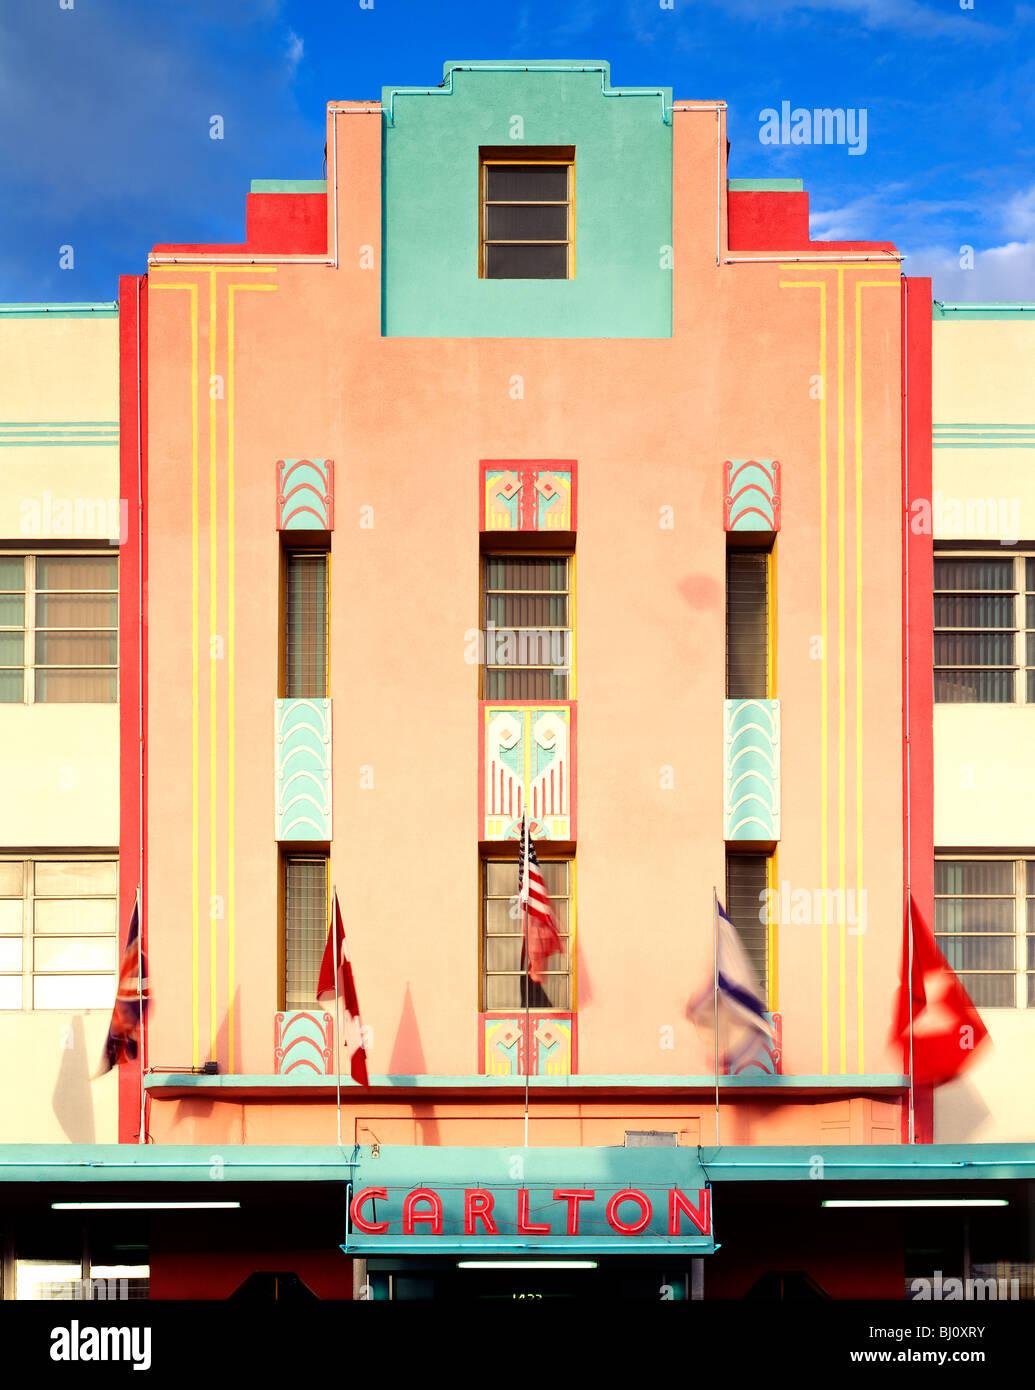 Carlton Hotel Art Deco Architektur Gebäude in der wiederbelebten South Beach, Miami, Florida, USA Stockbild